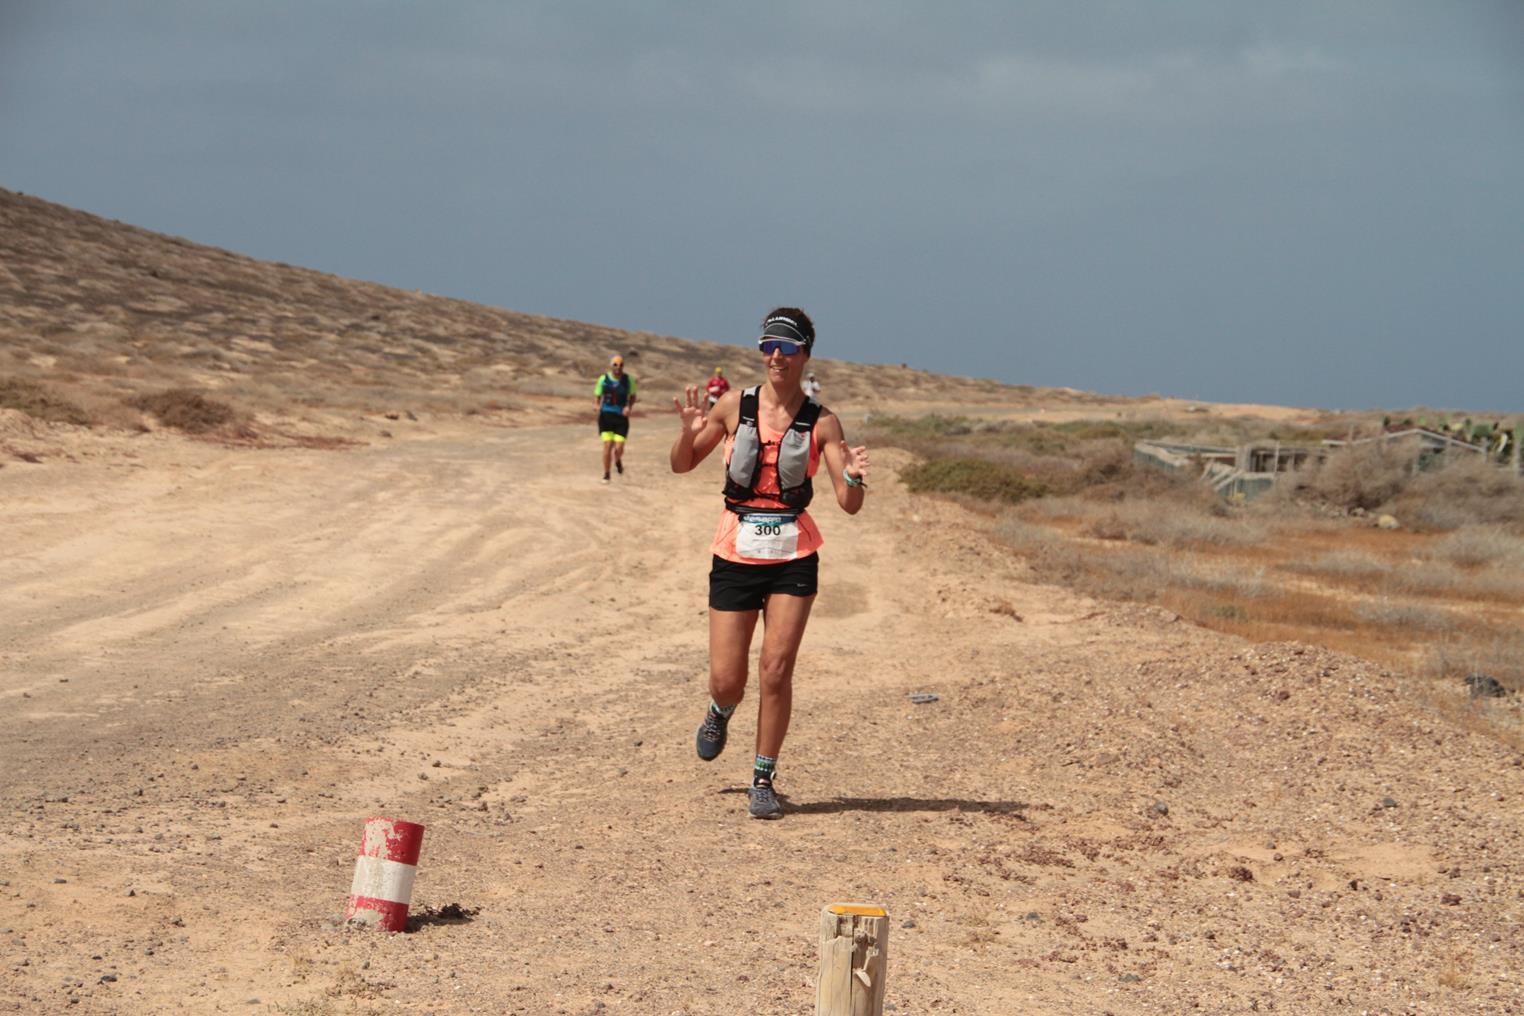 Desafio-Trail-531